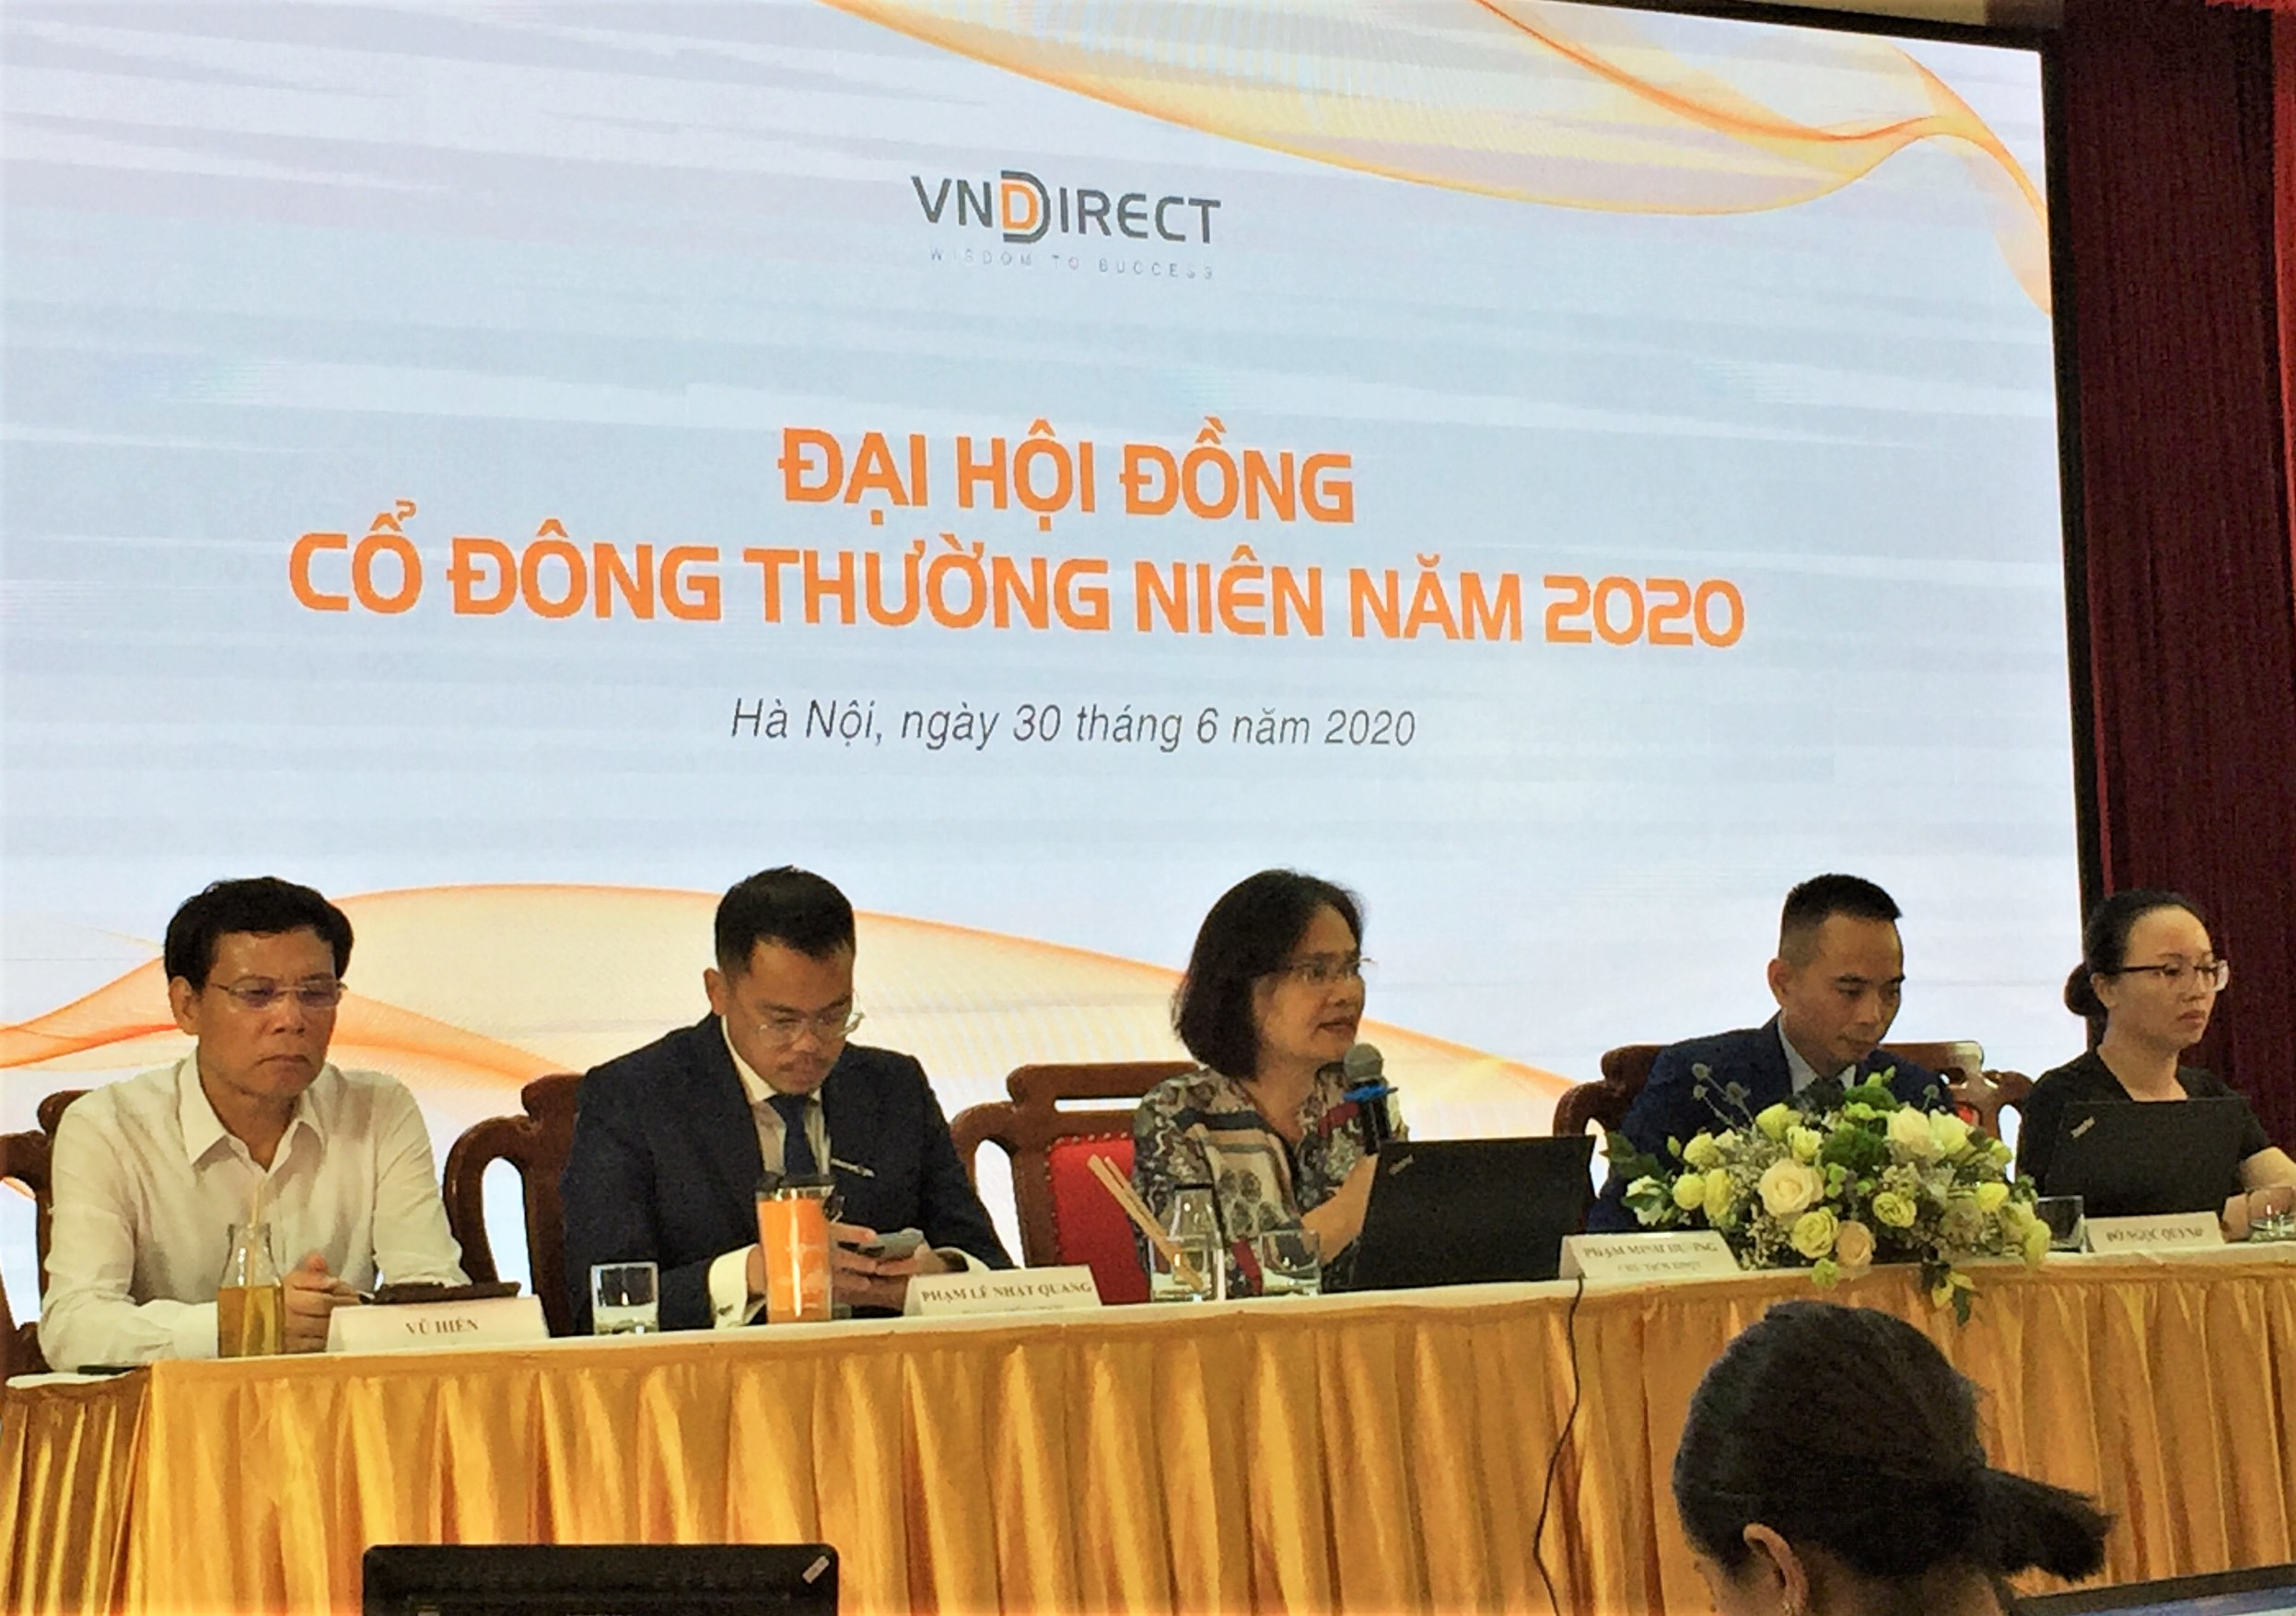 Đề cử quyền Tổng Giám đốc Đỗ Ngọc Quỳnh vào HĐQT VNDirect - Ảnh 1.